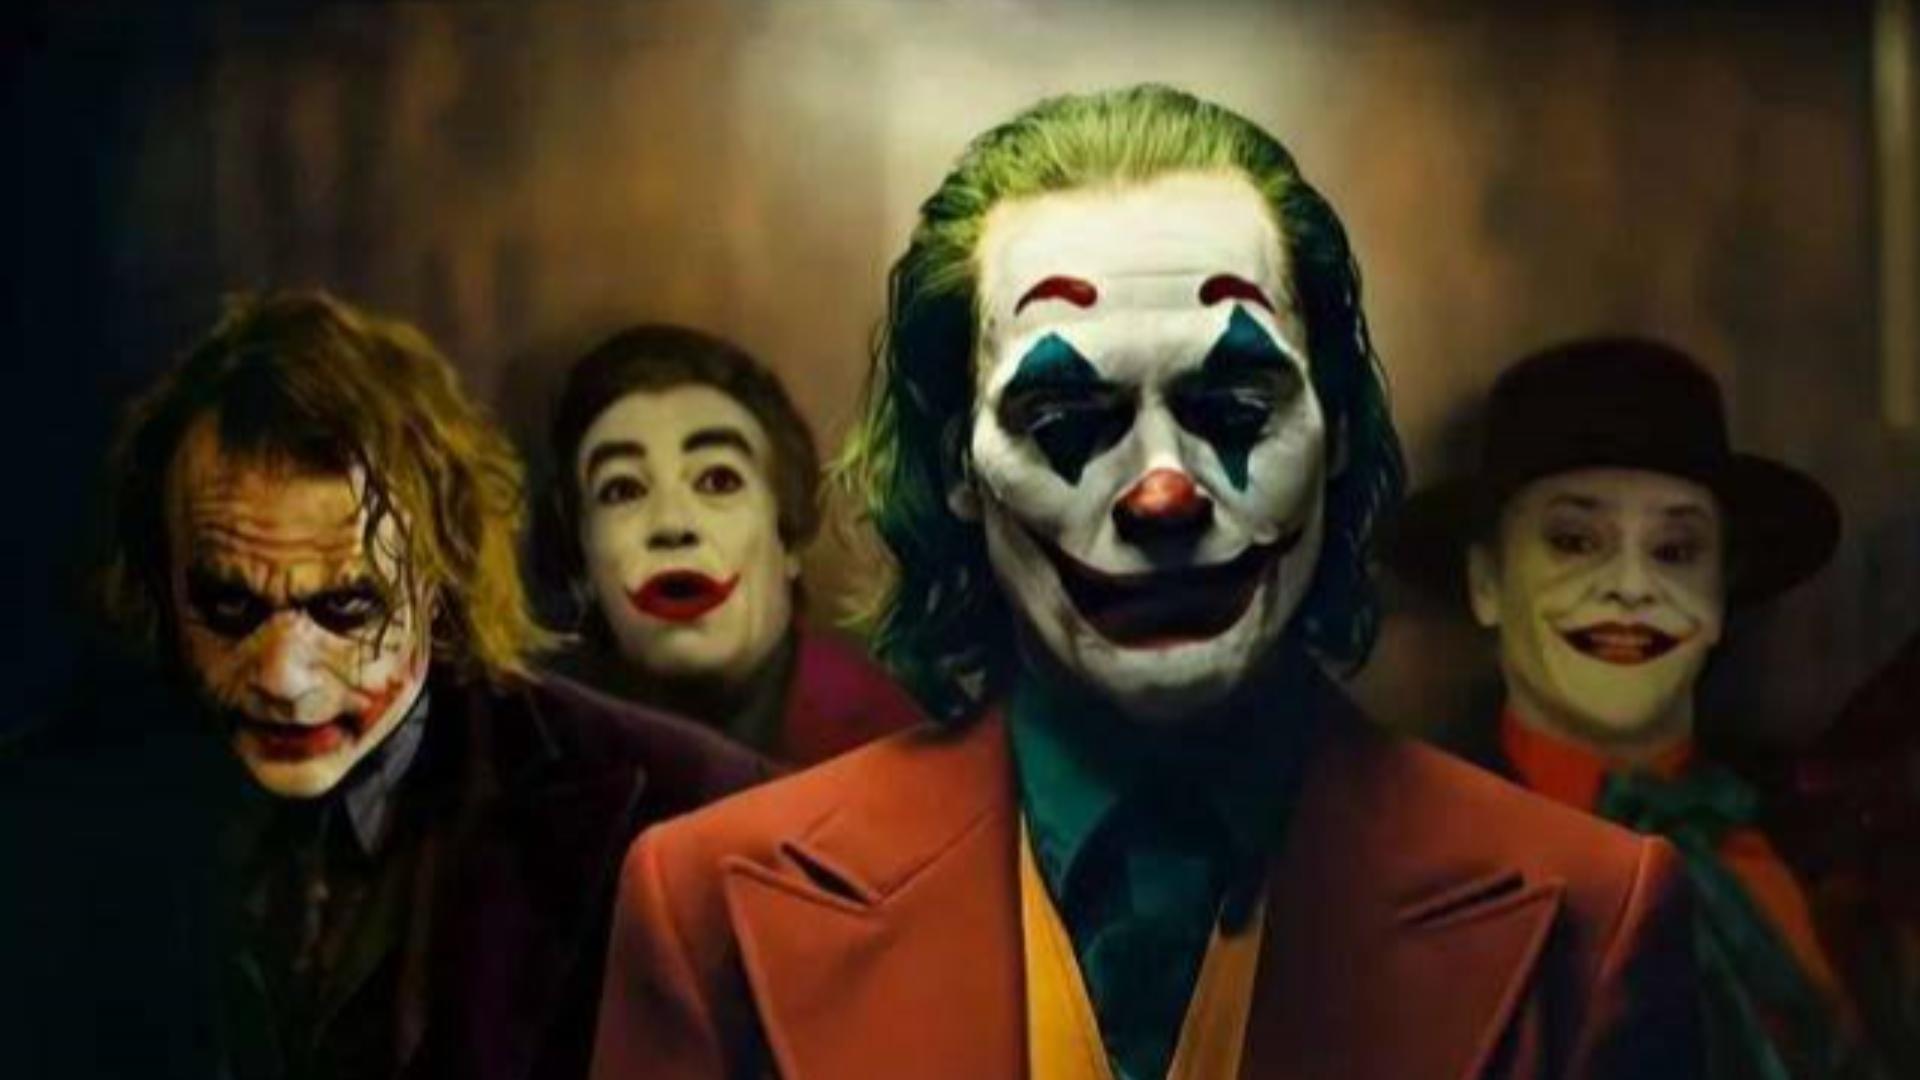 【小丑混剪】只要度过噩梦般的一天谁都有可能变成疯子!